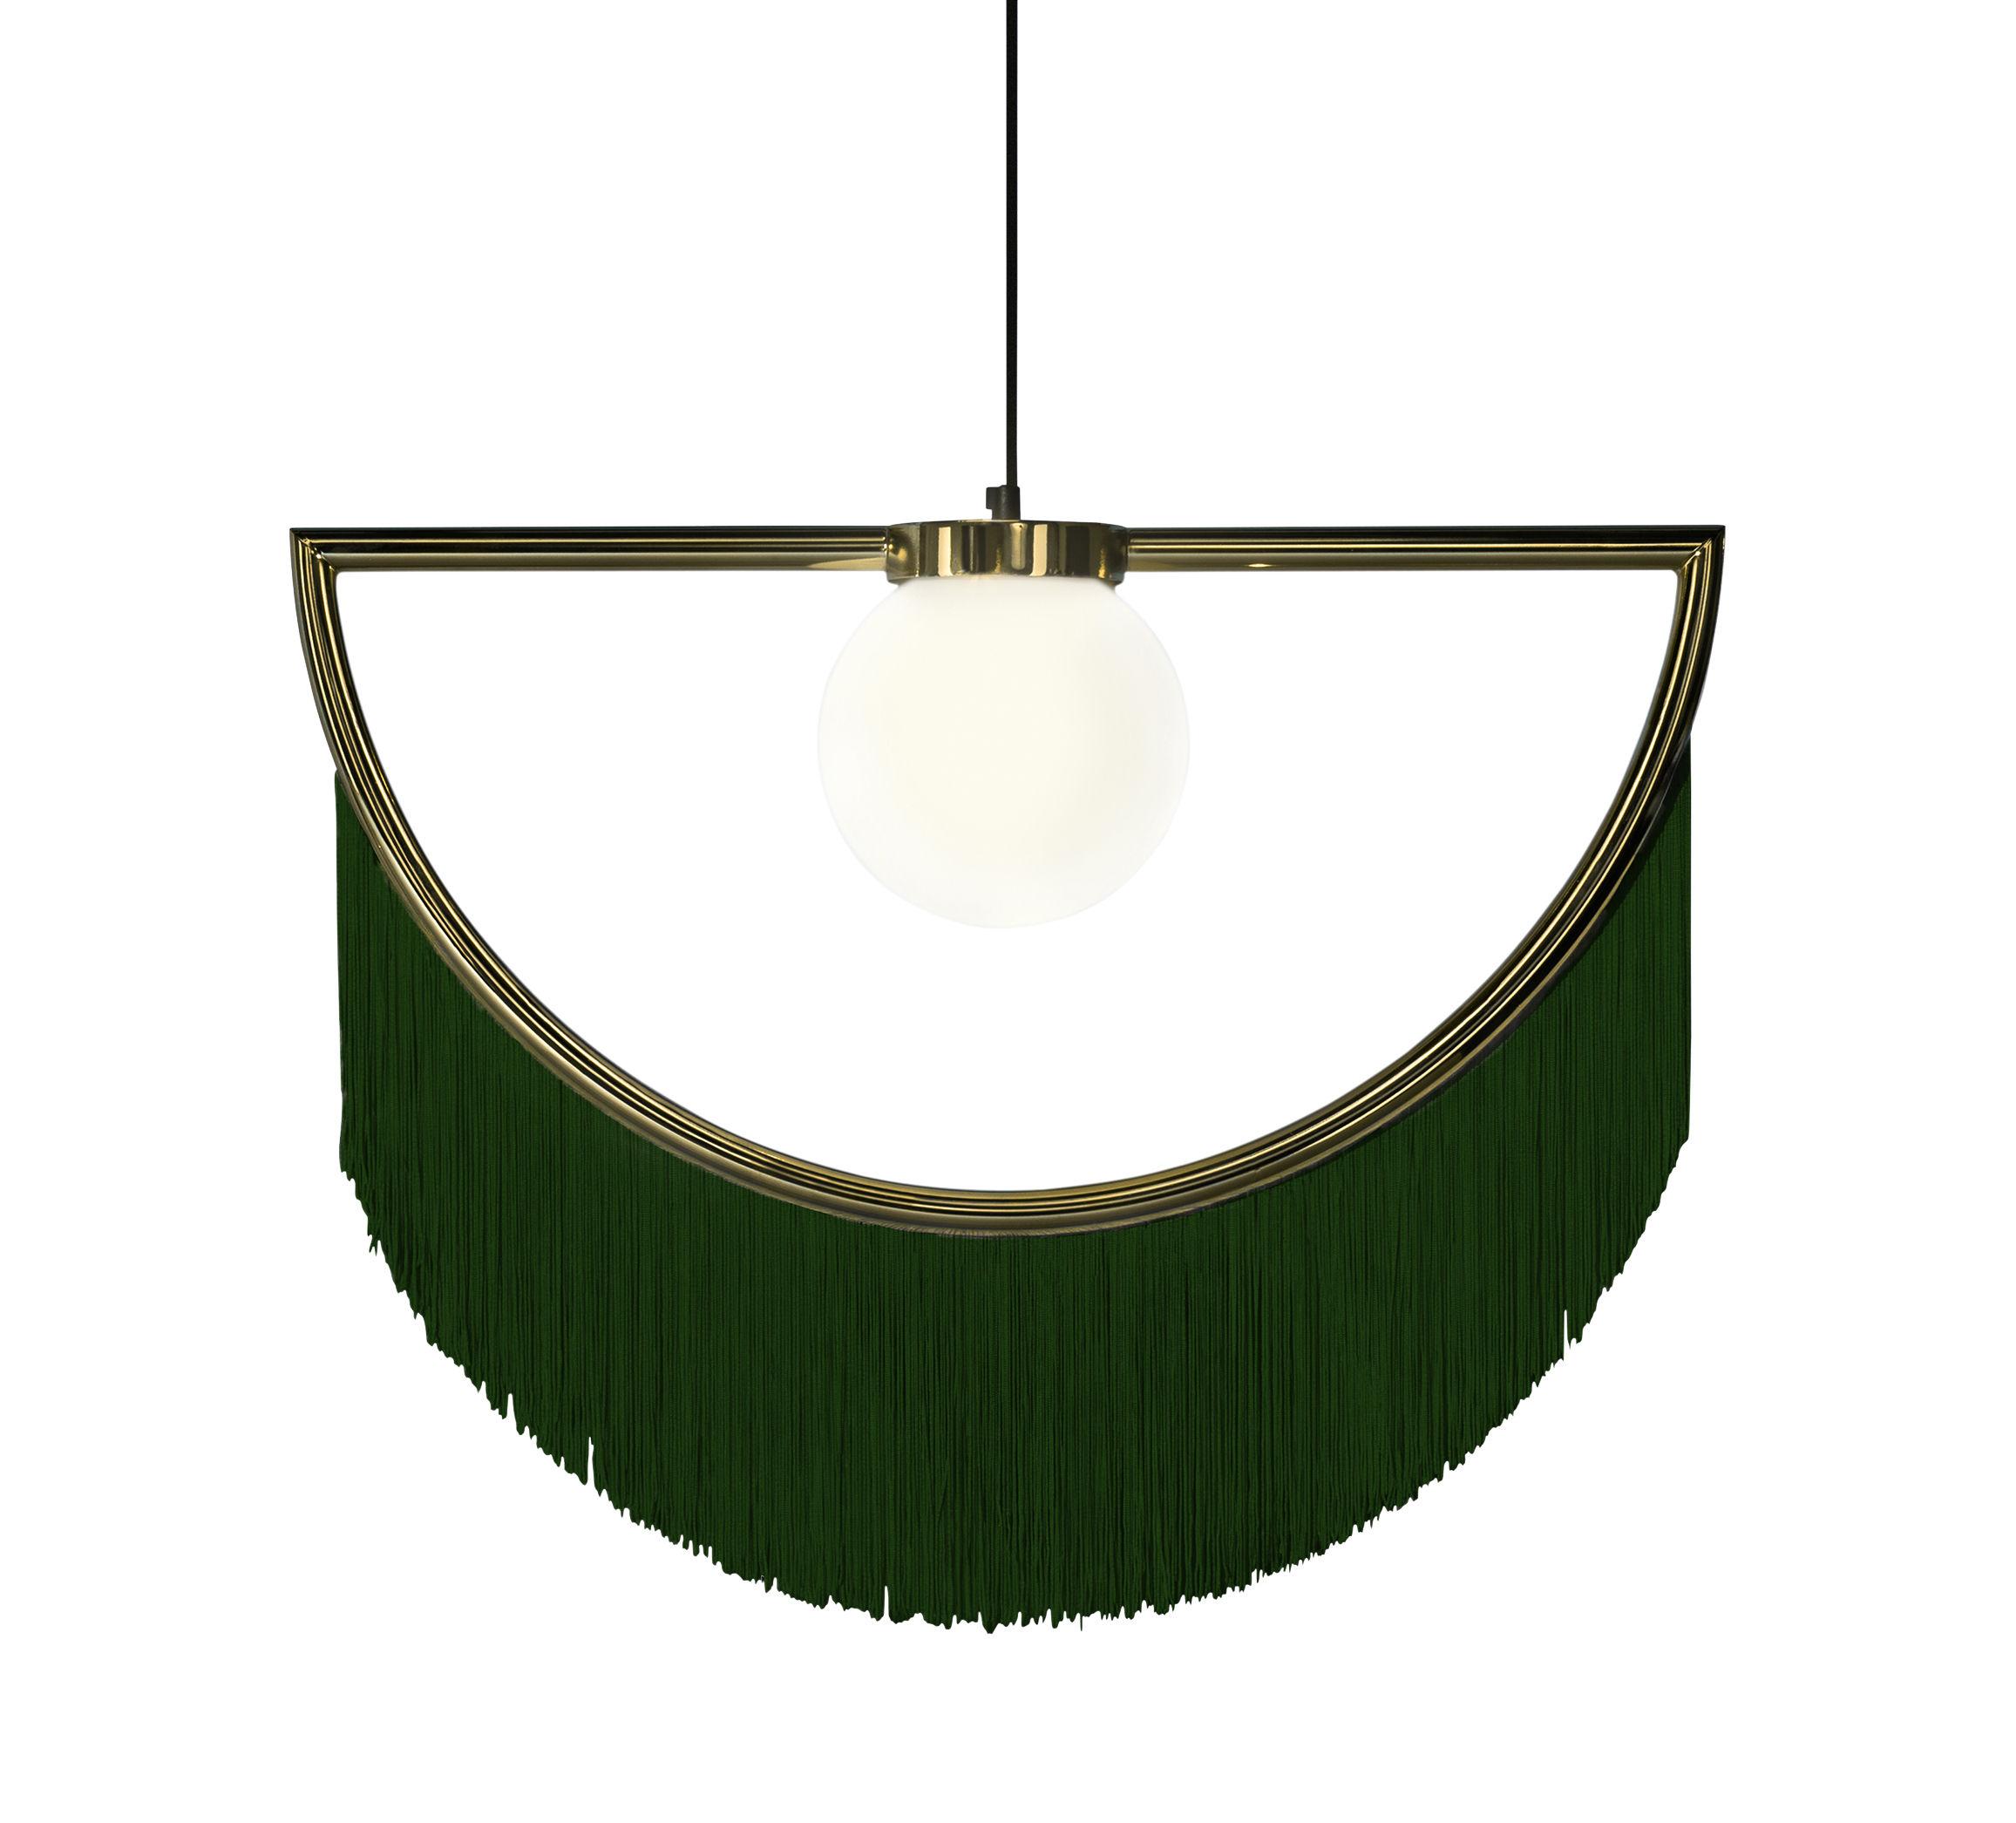 Illuminazione - Lampadari - Sospensione Wink - / Frangia - L 60 cm di Houtique - Verde / Oro - Acciaio, Acrilico, Vetro opalino